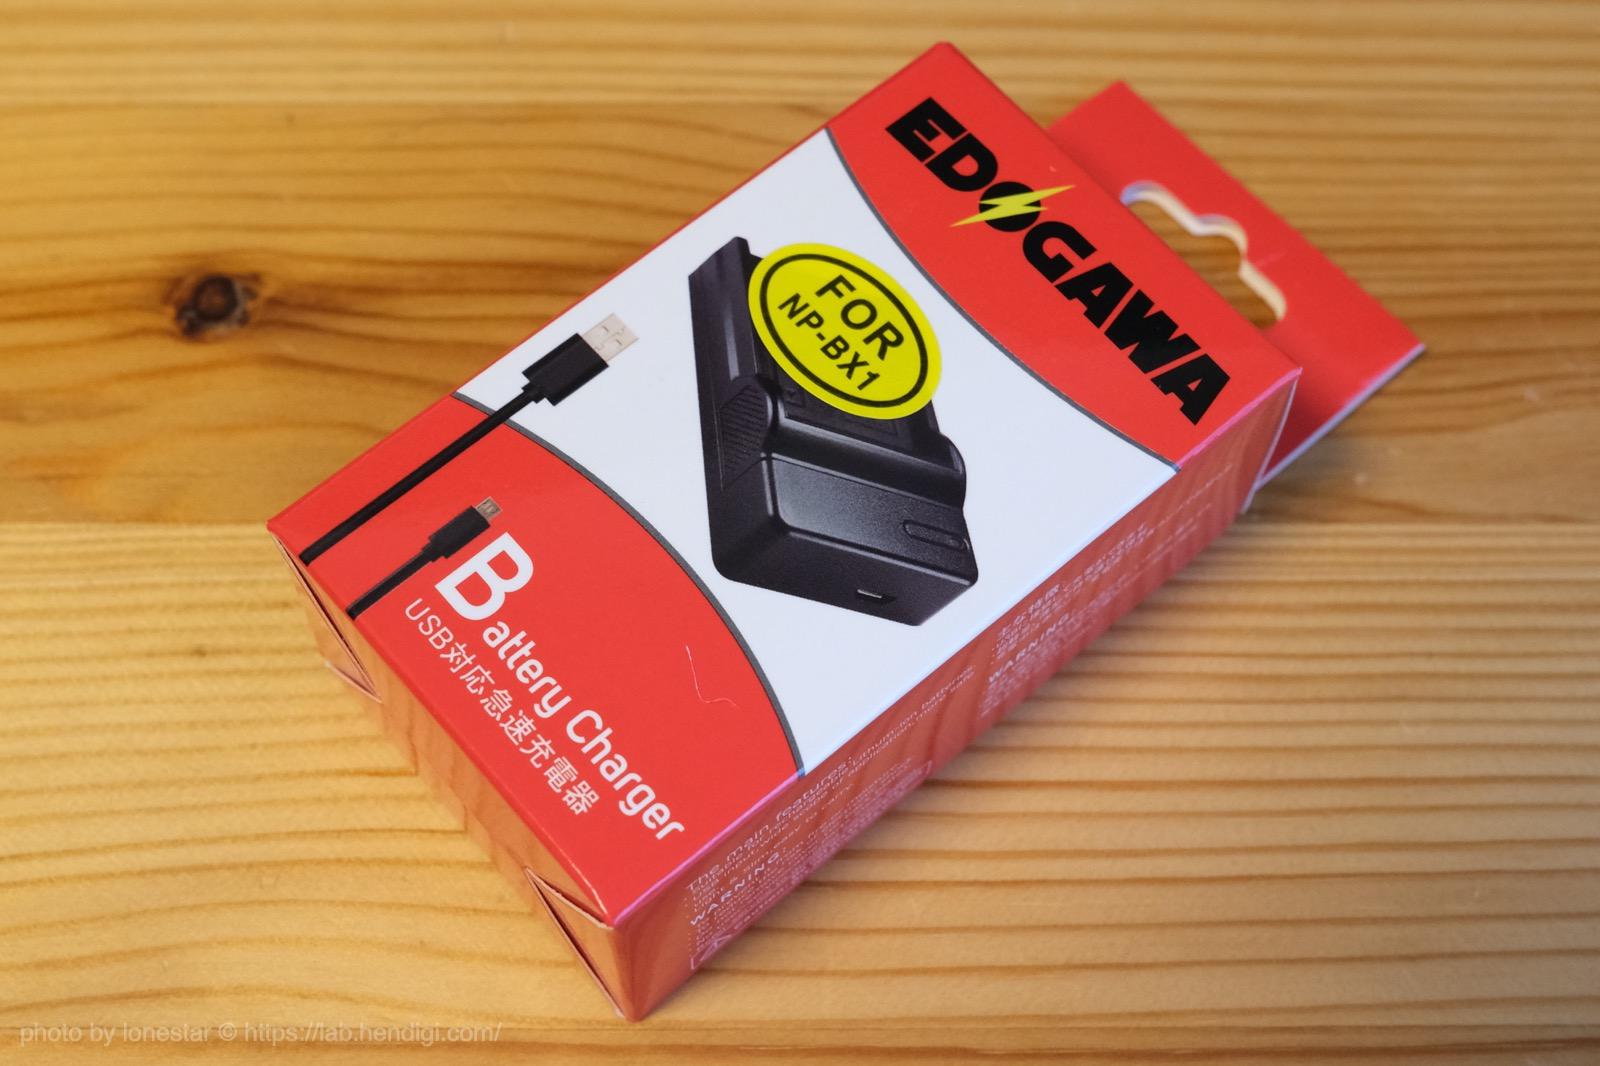 EDOGAWA 充電器